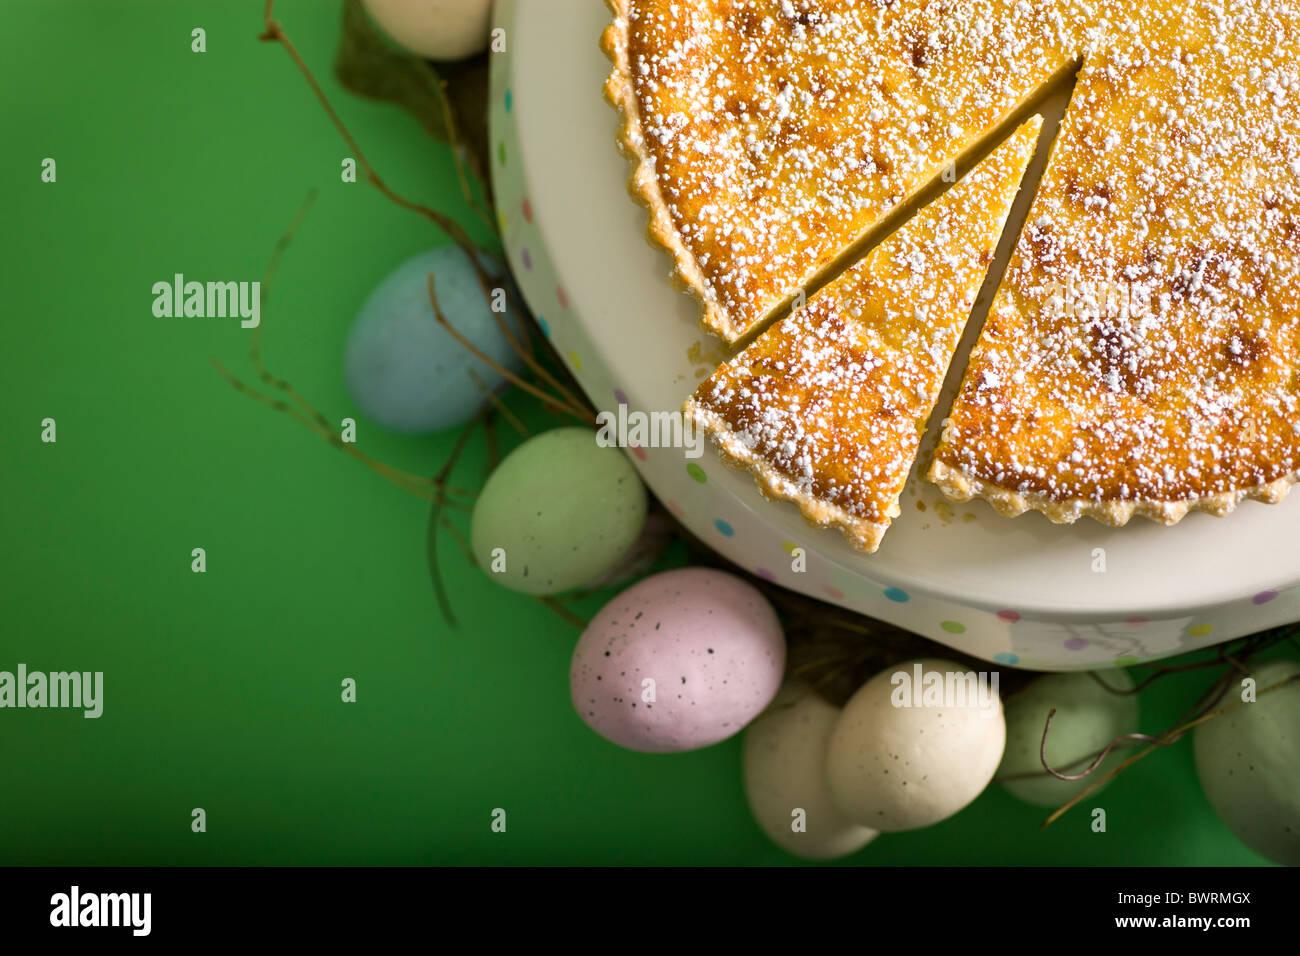 Suiza tarta de arroz cocido con leche, almendras y azúcar en polvo. Imagen De Stock